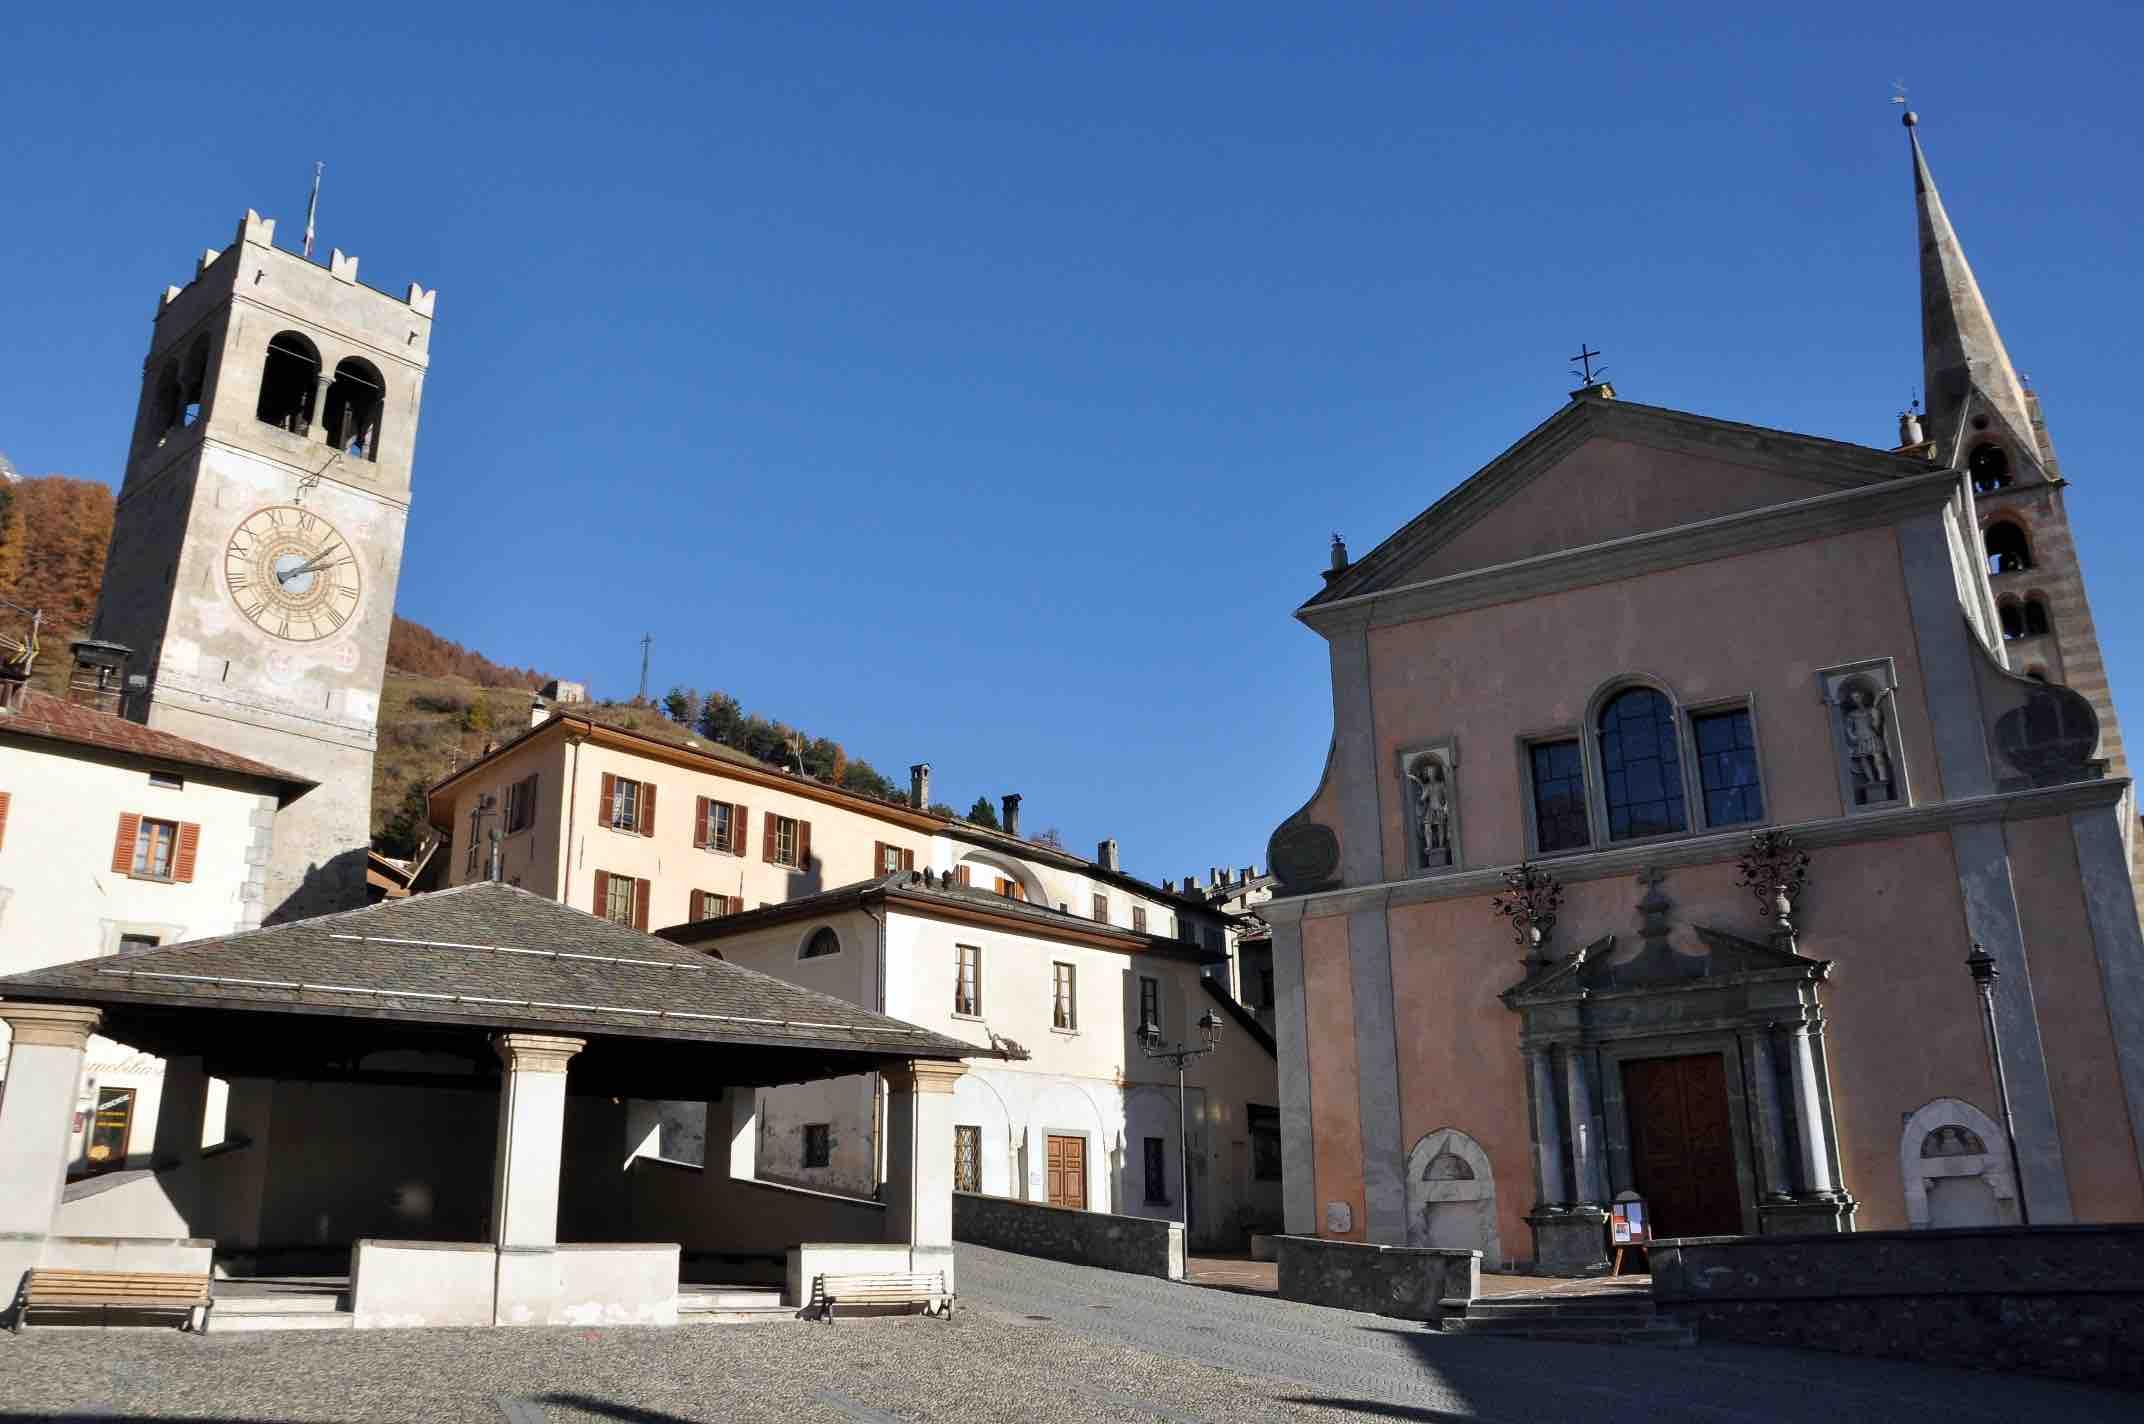 Collegiata_SS._Gervasio_e_Protasio,_Torre_delle_Ore_e_Kuerc_-_ph._Fausto_Compagnoni